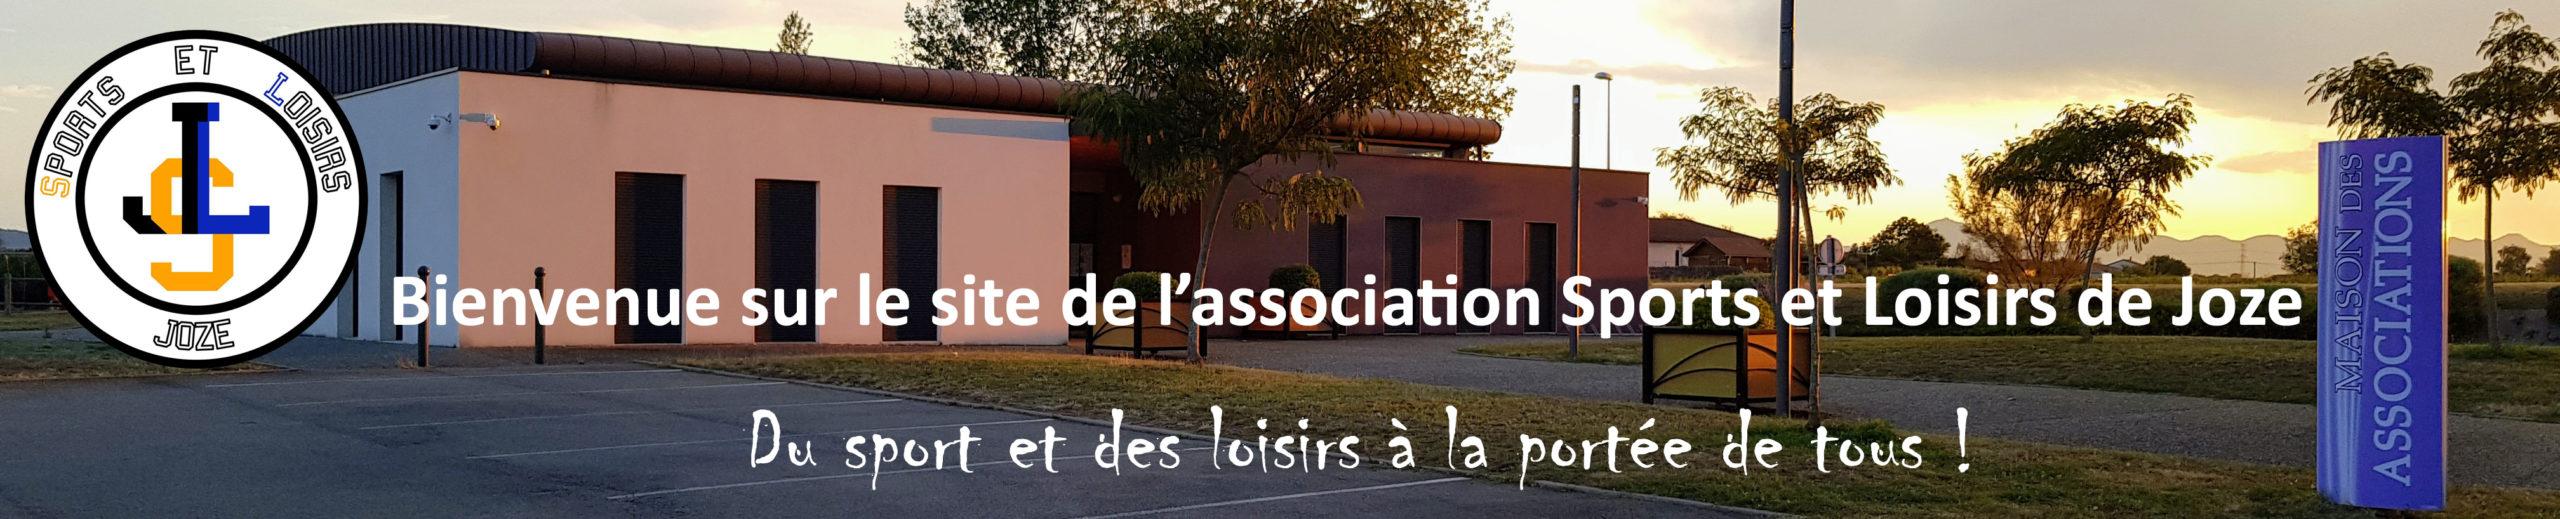 Bienvenue sur le site de l'association Sports et Loisirs de Joze